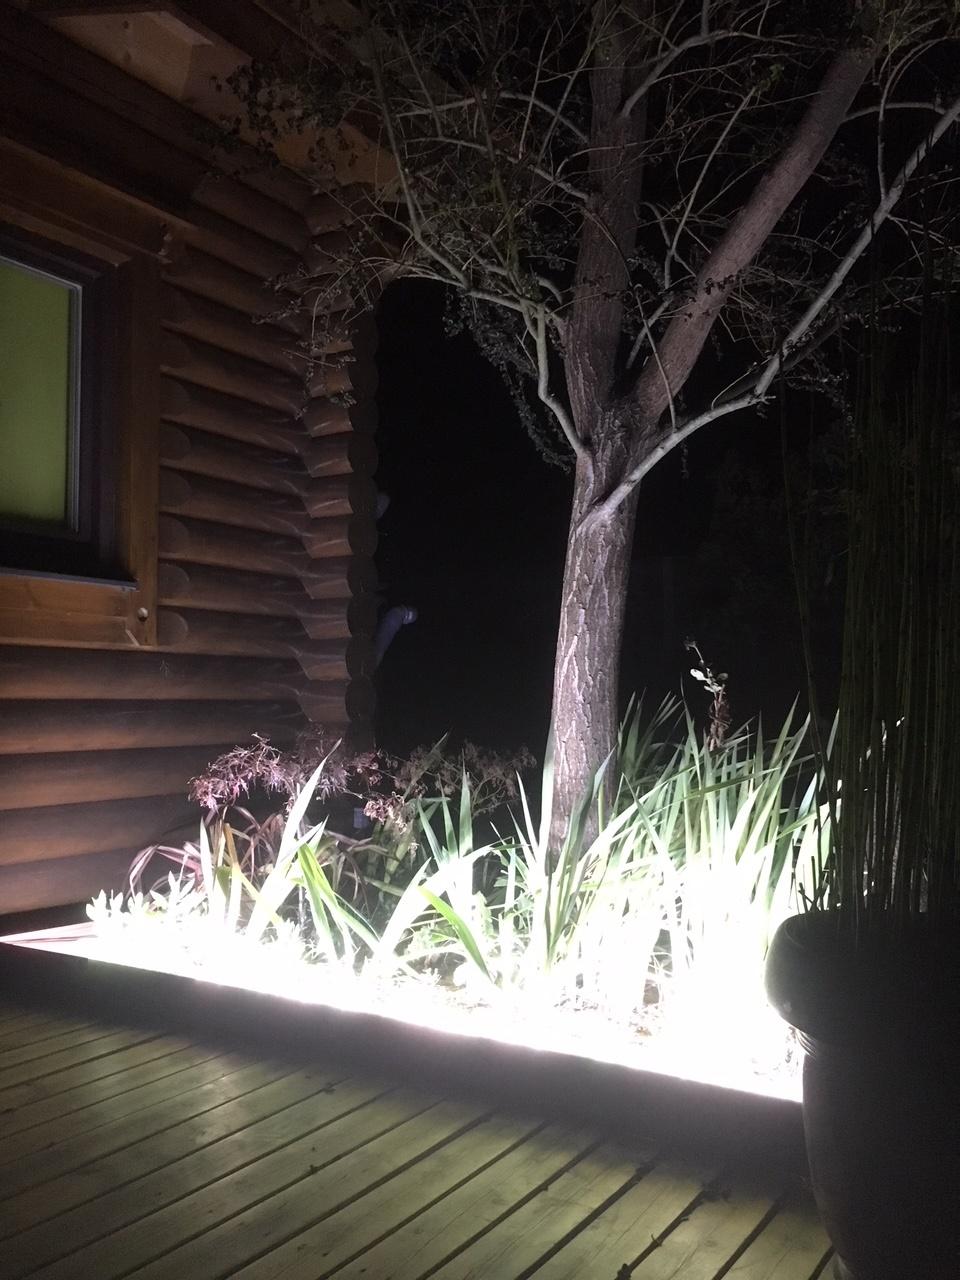 bordure de jardin alu éclairage LED luminaire extérieur massif